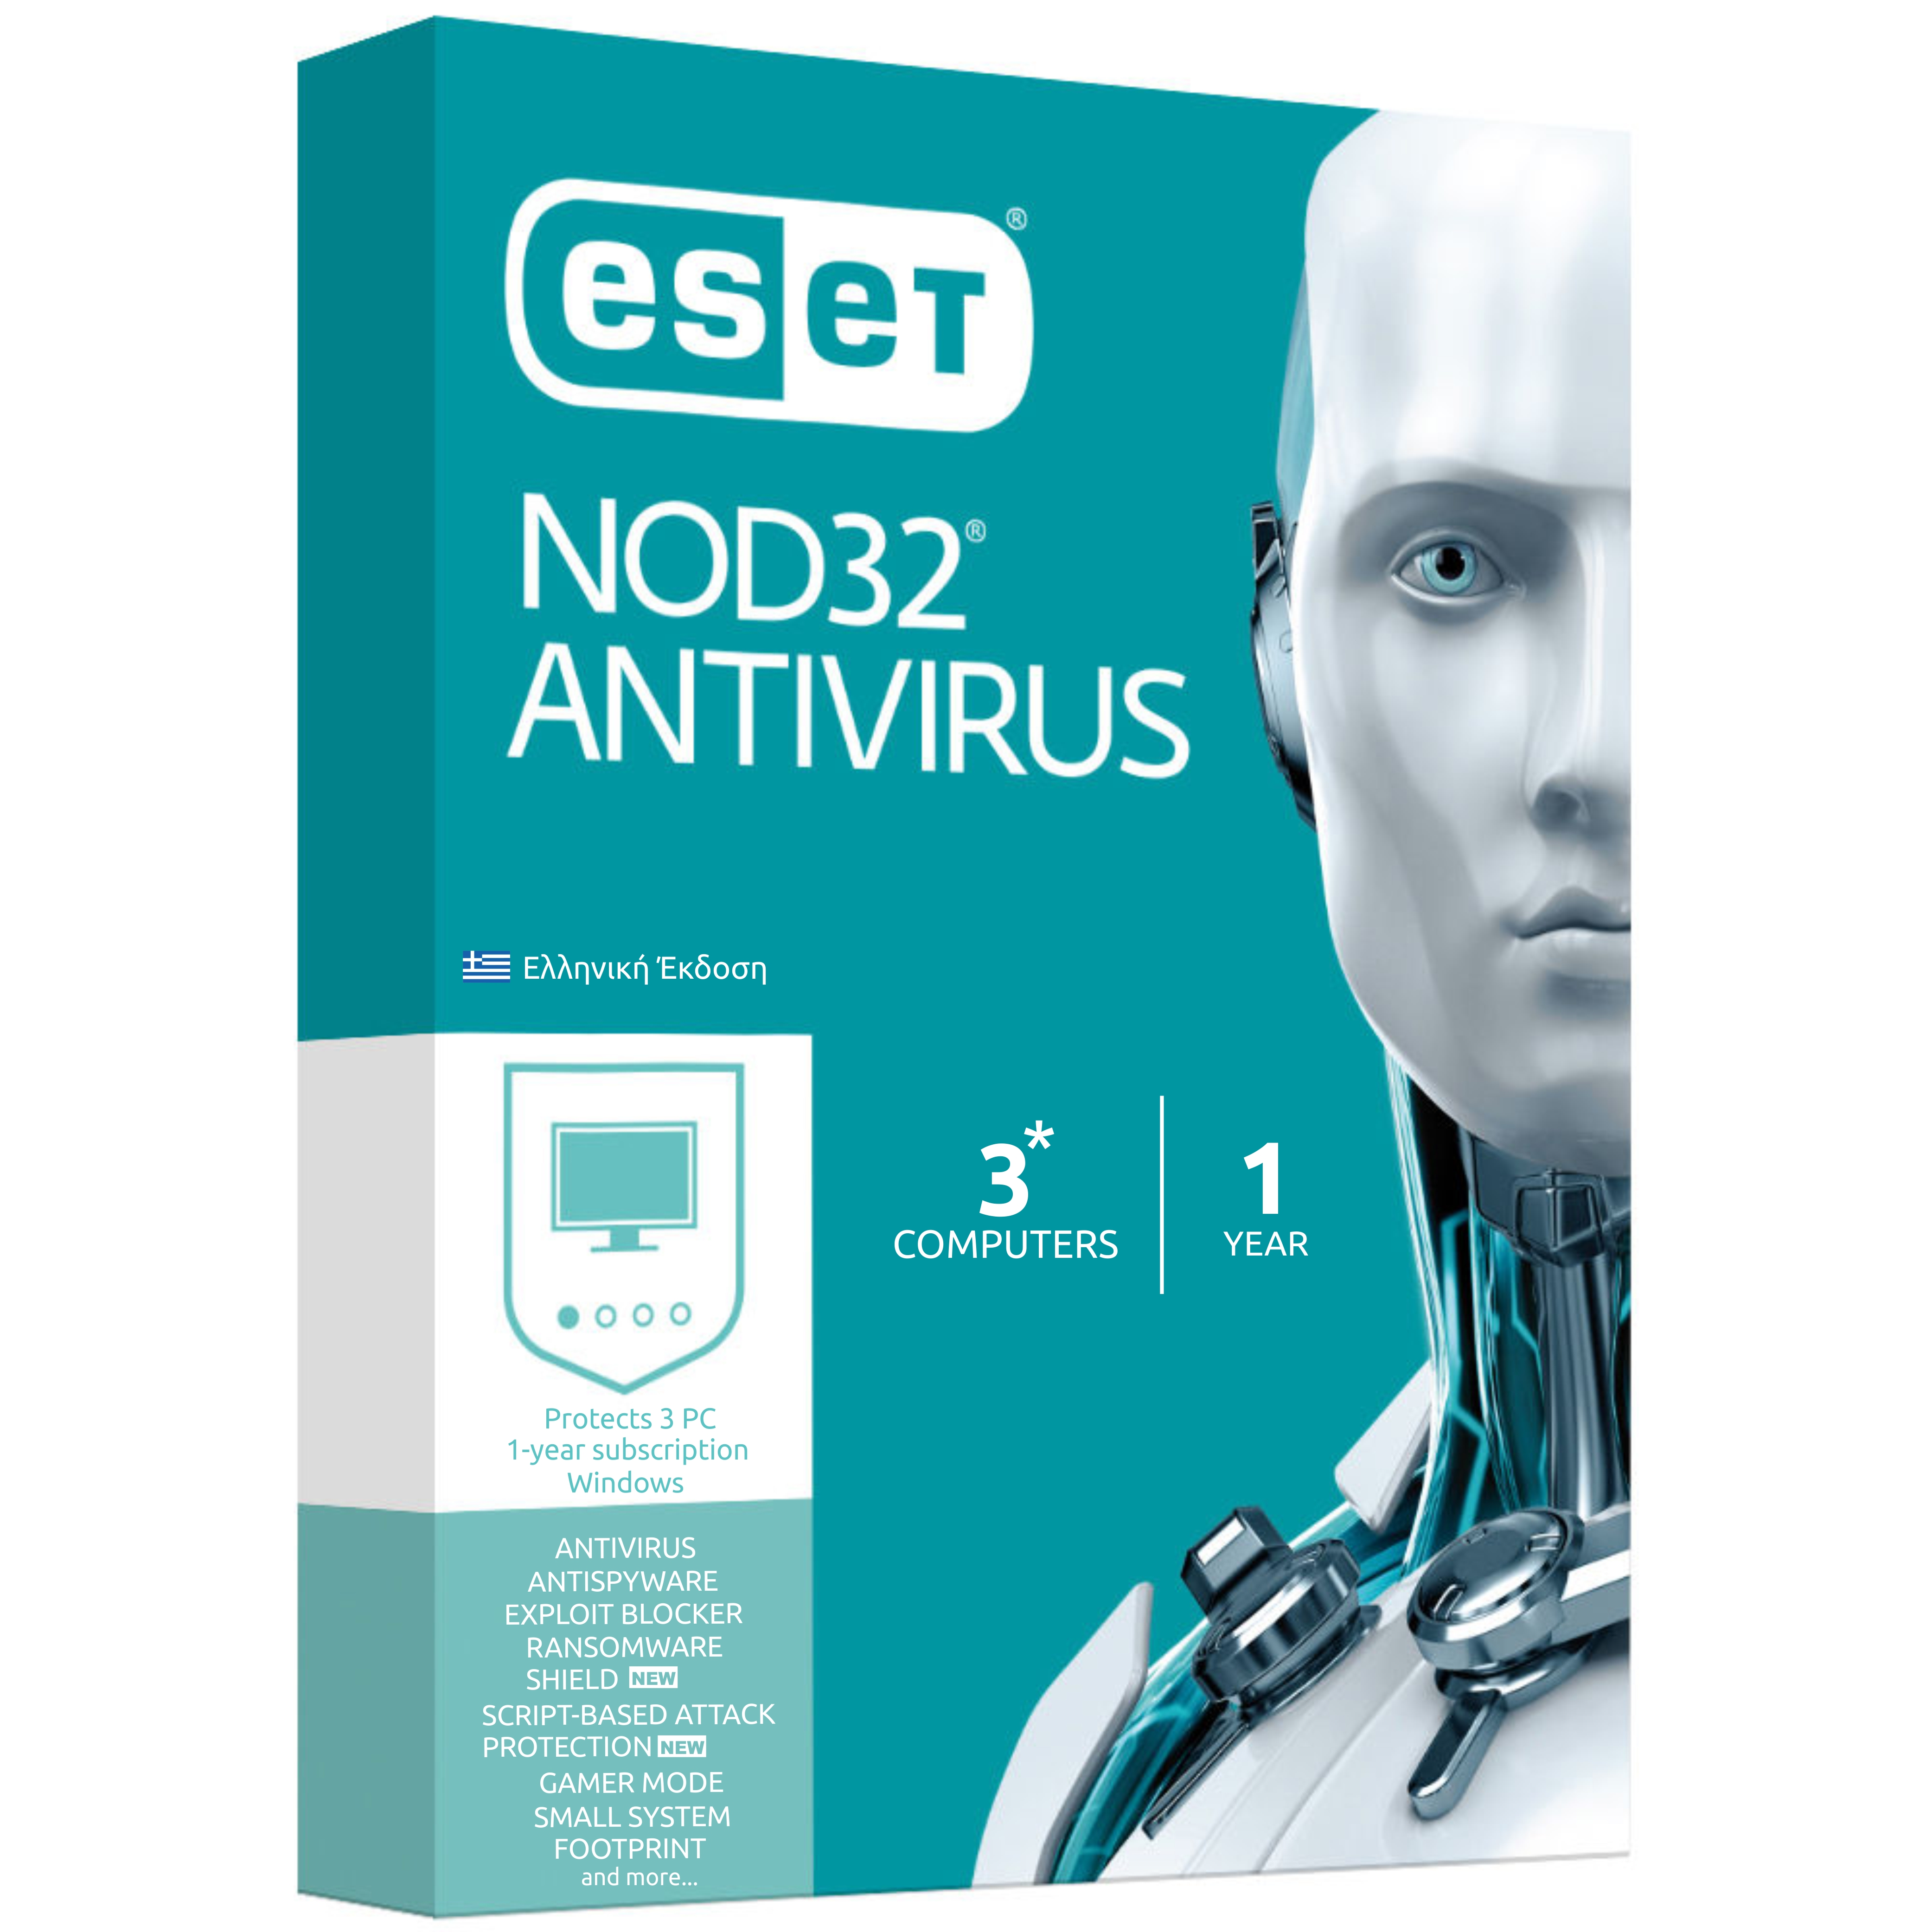 ESET NOD32 Antivirus, 3 Άδειες χρήσης, 1 έτος - ESET 1351